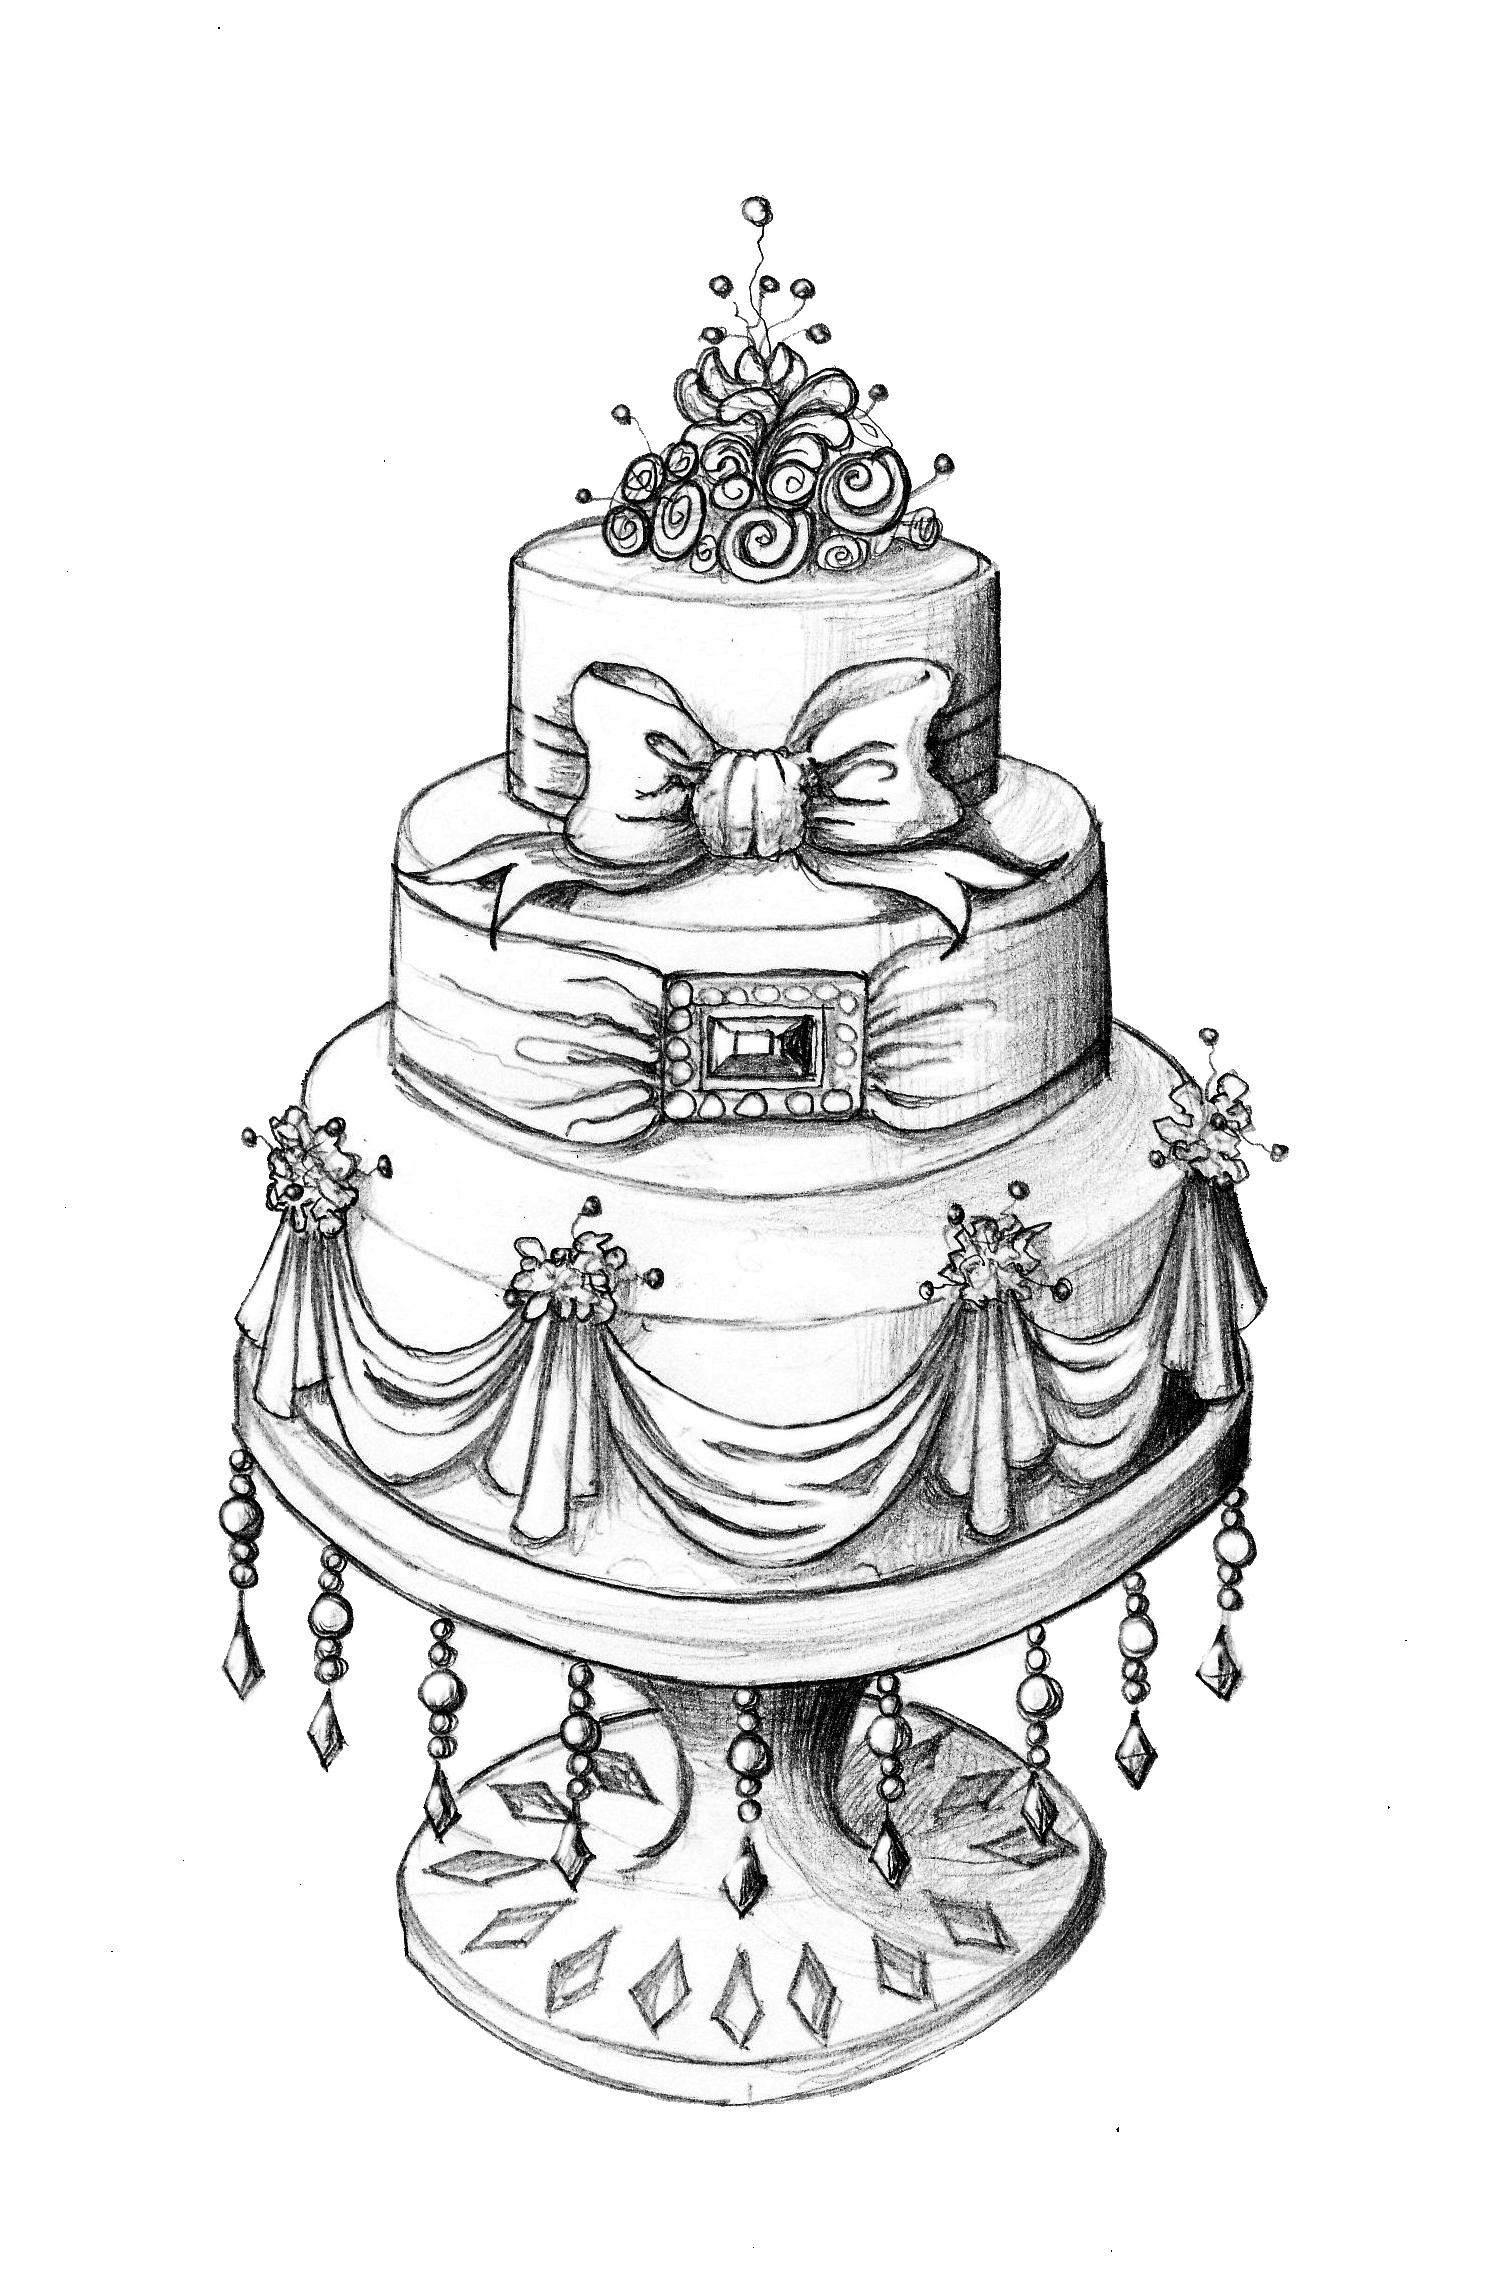 Drawn wedding cake #9